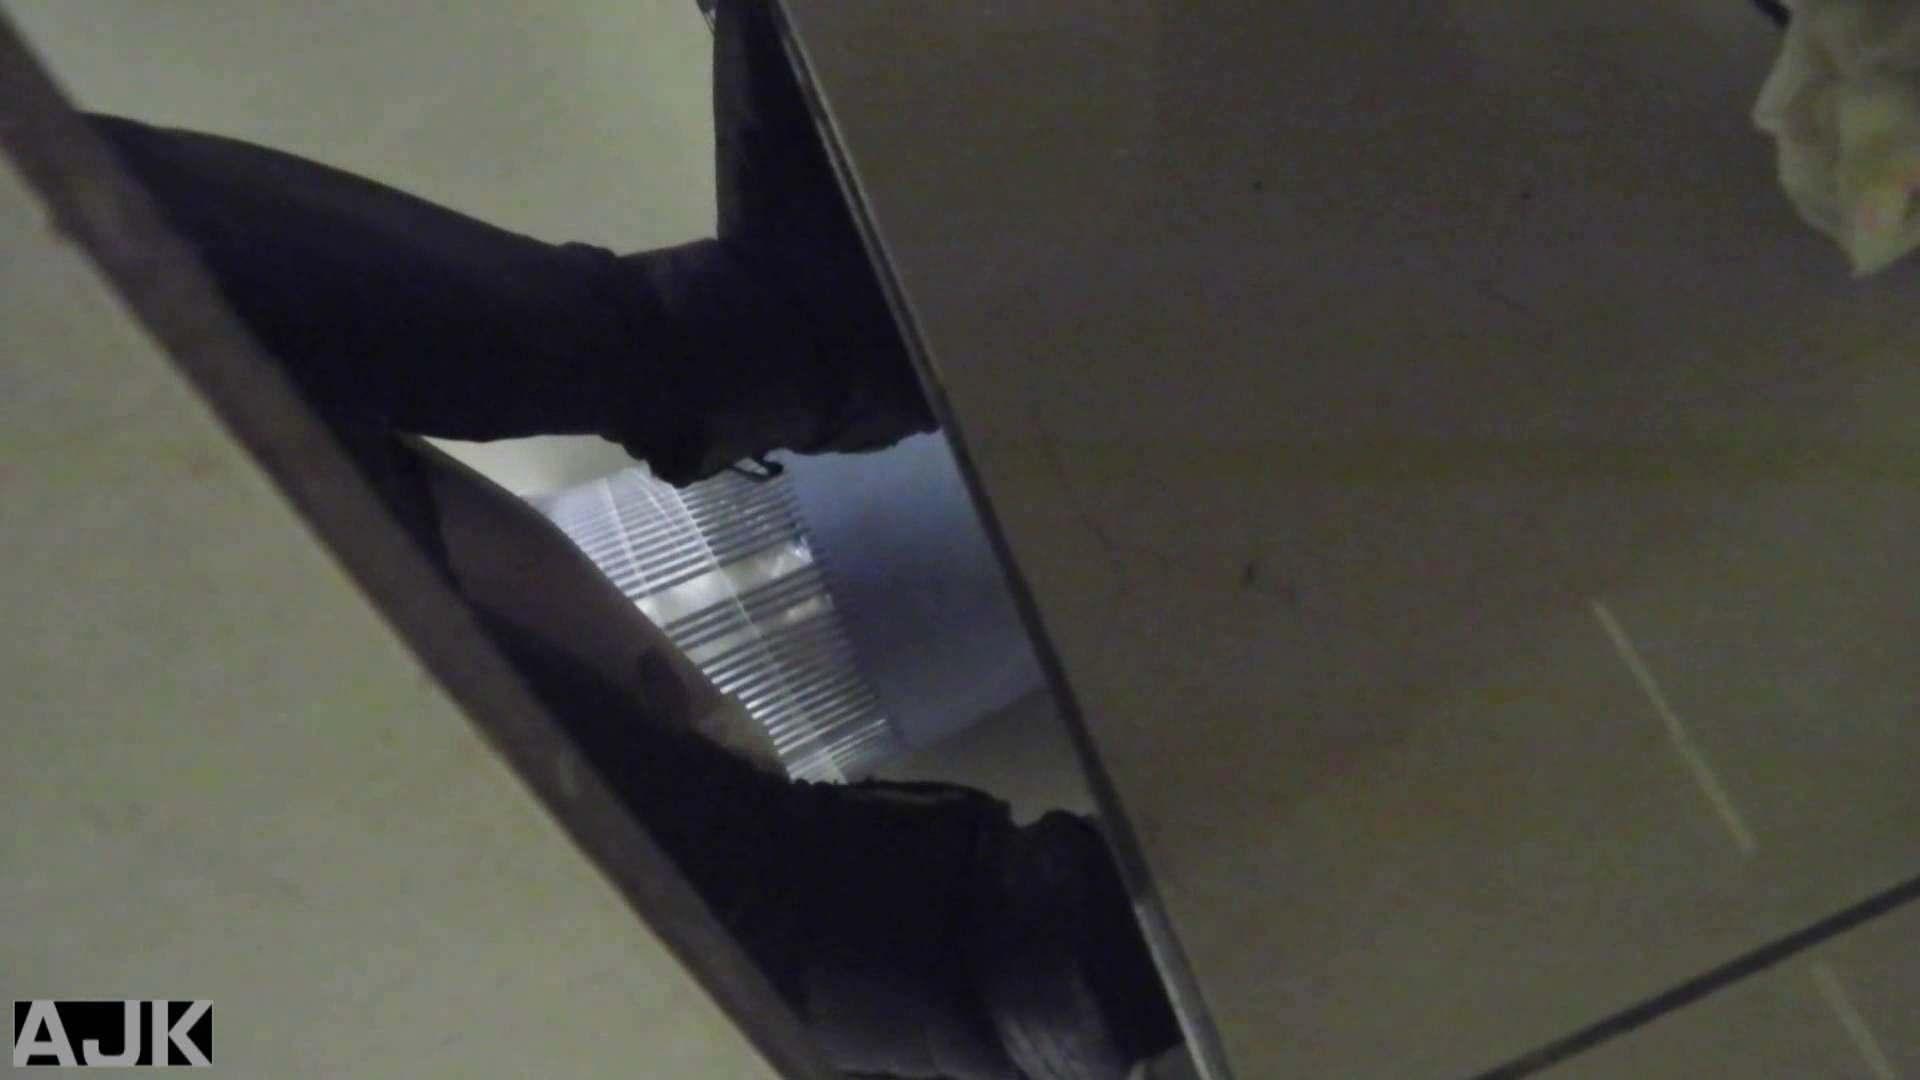 神降臨!史上最強の潜入かわや! vol.05 オマンコ 盗み撮り動画キャプチャ 92連発 33